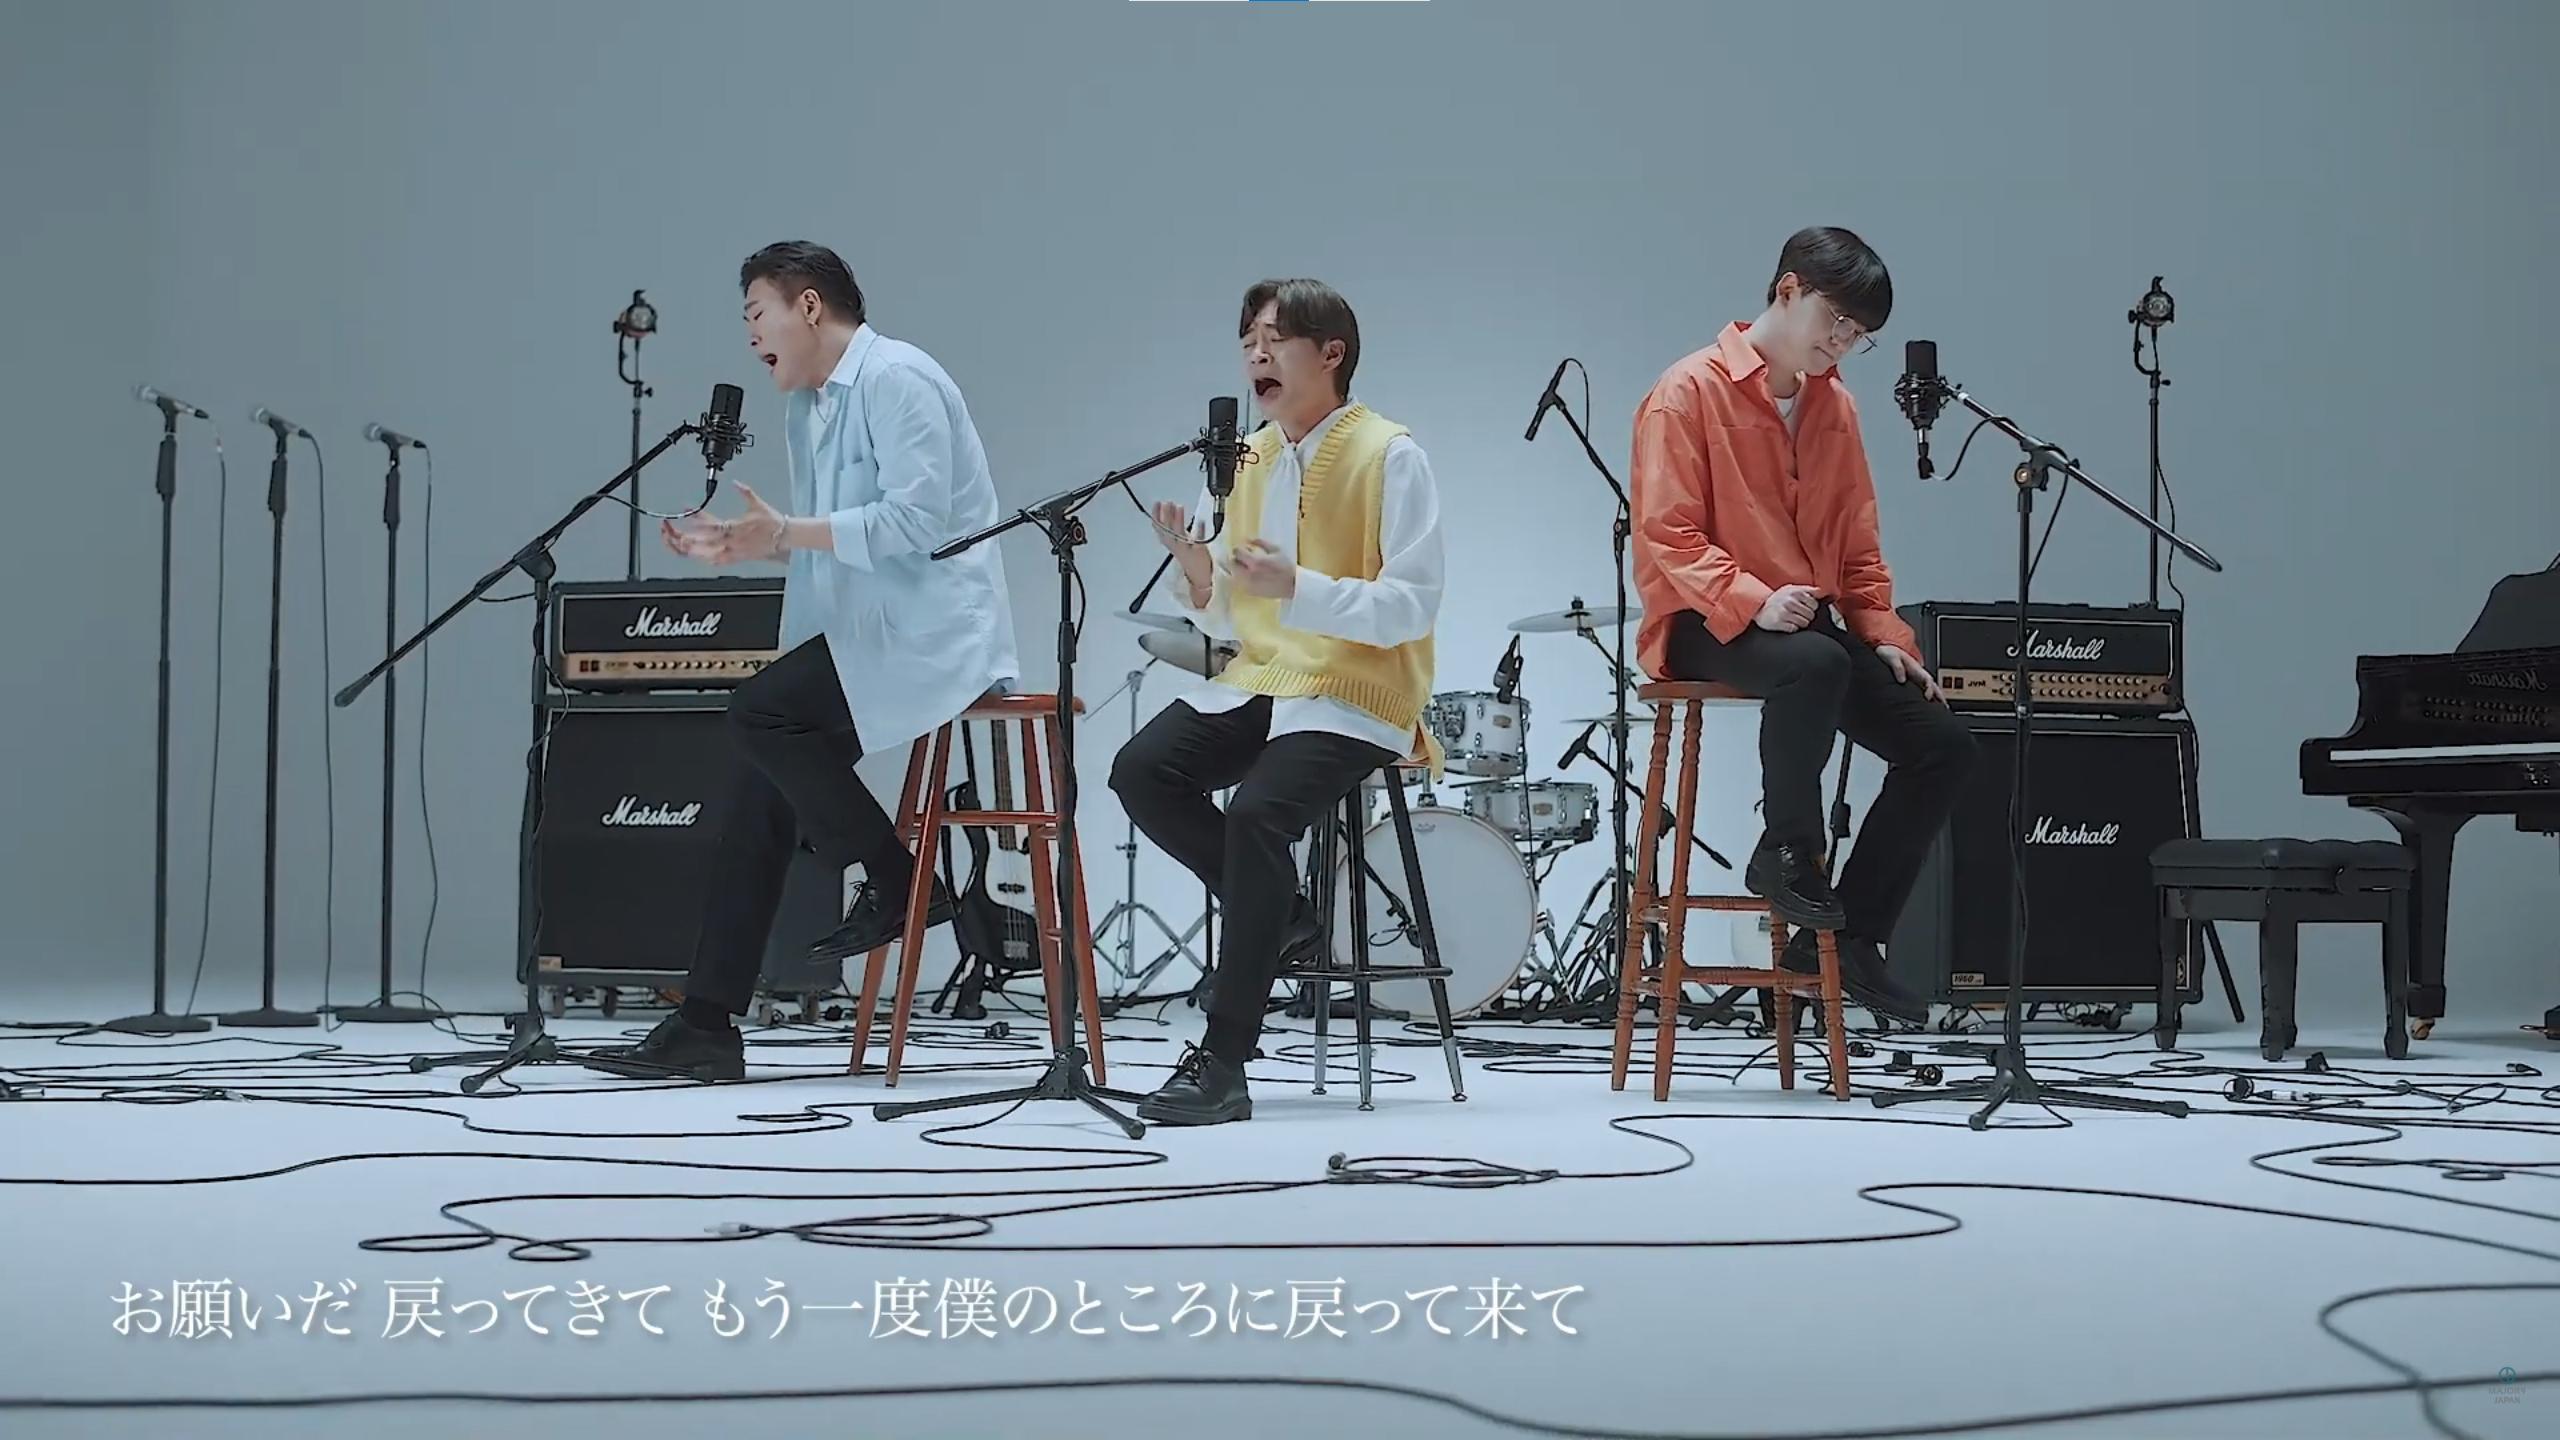 韓国のR&Bボーカルグループ'4MEN'、ニューアルバム 「The Eternal」からタイトル曲「永遠」のMVを公開!